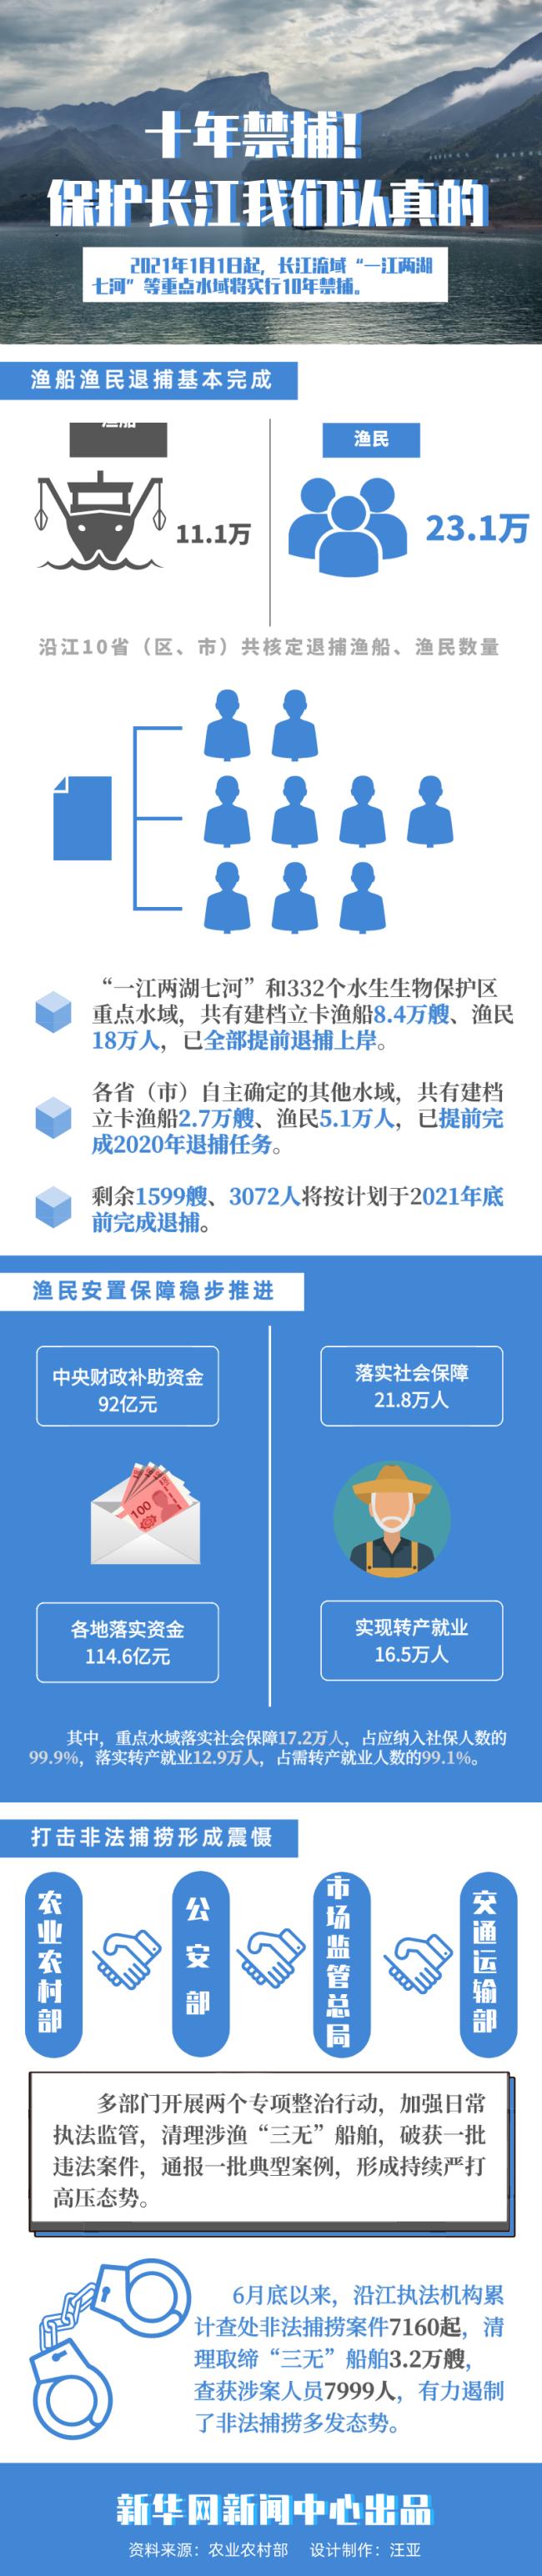 农业农村部:长江流域渔船渔民退捕基本完成 渔民安置保障稳步推进